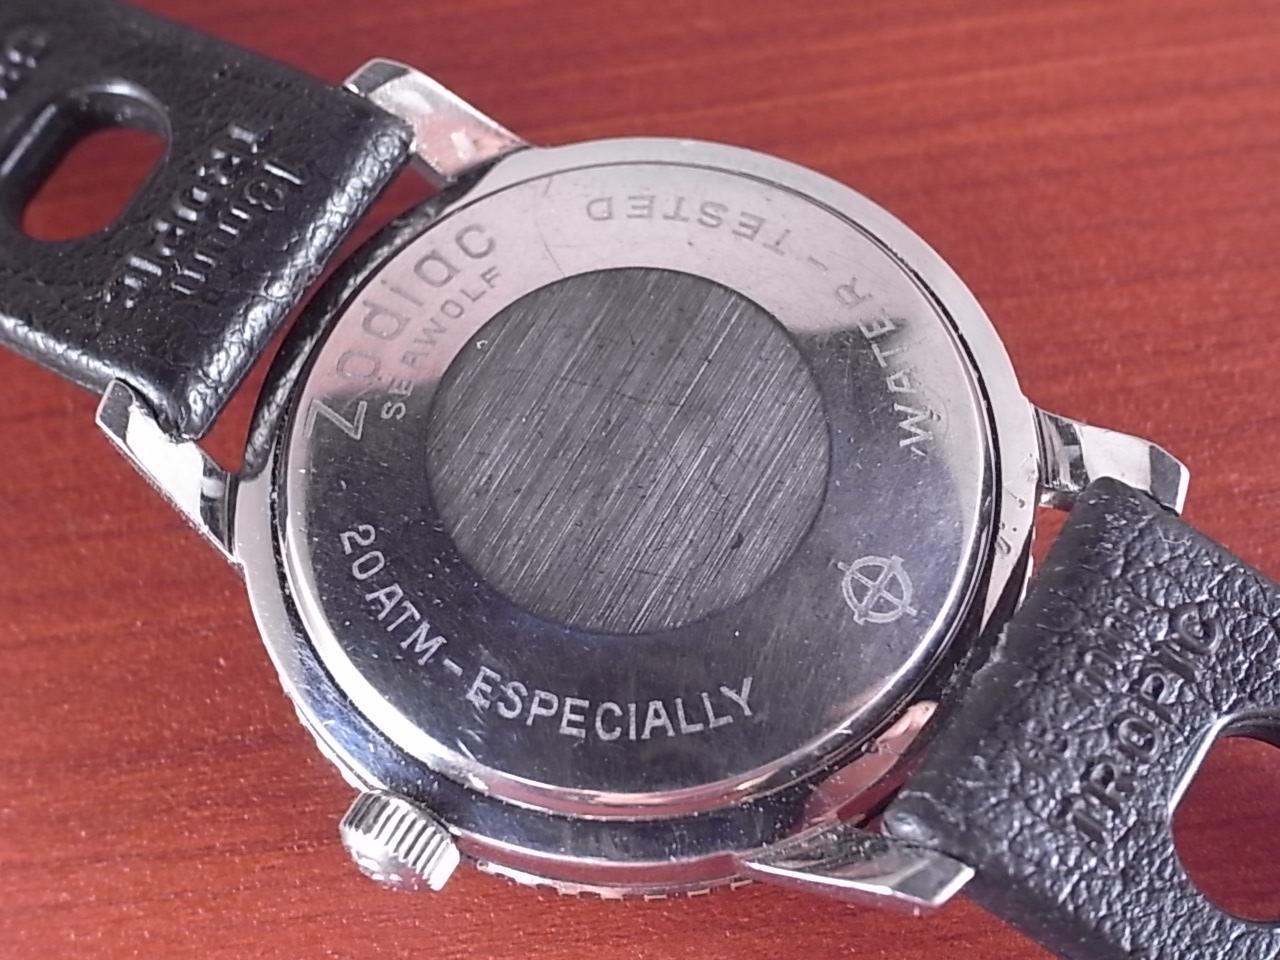 ゾディアック シーウルフ オートマチック ベイクライトベゼル 1970年代の写真4枚目